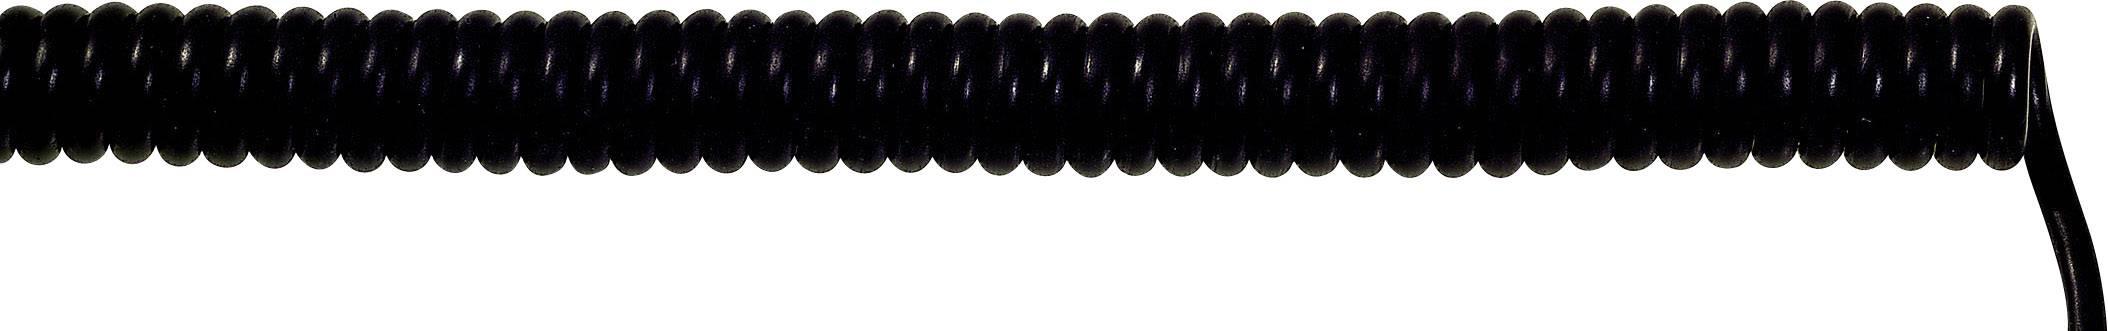 Špirálový kábel 73220239 UNITRONIC® SPIRAL 18 x 0.14 mm², 500 mm / 2000 mm, čierna